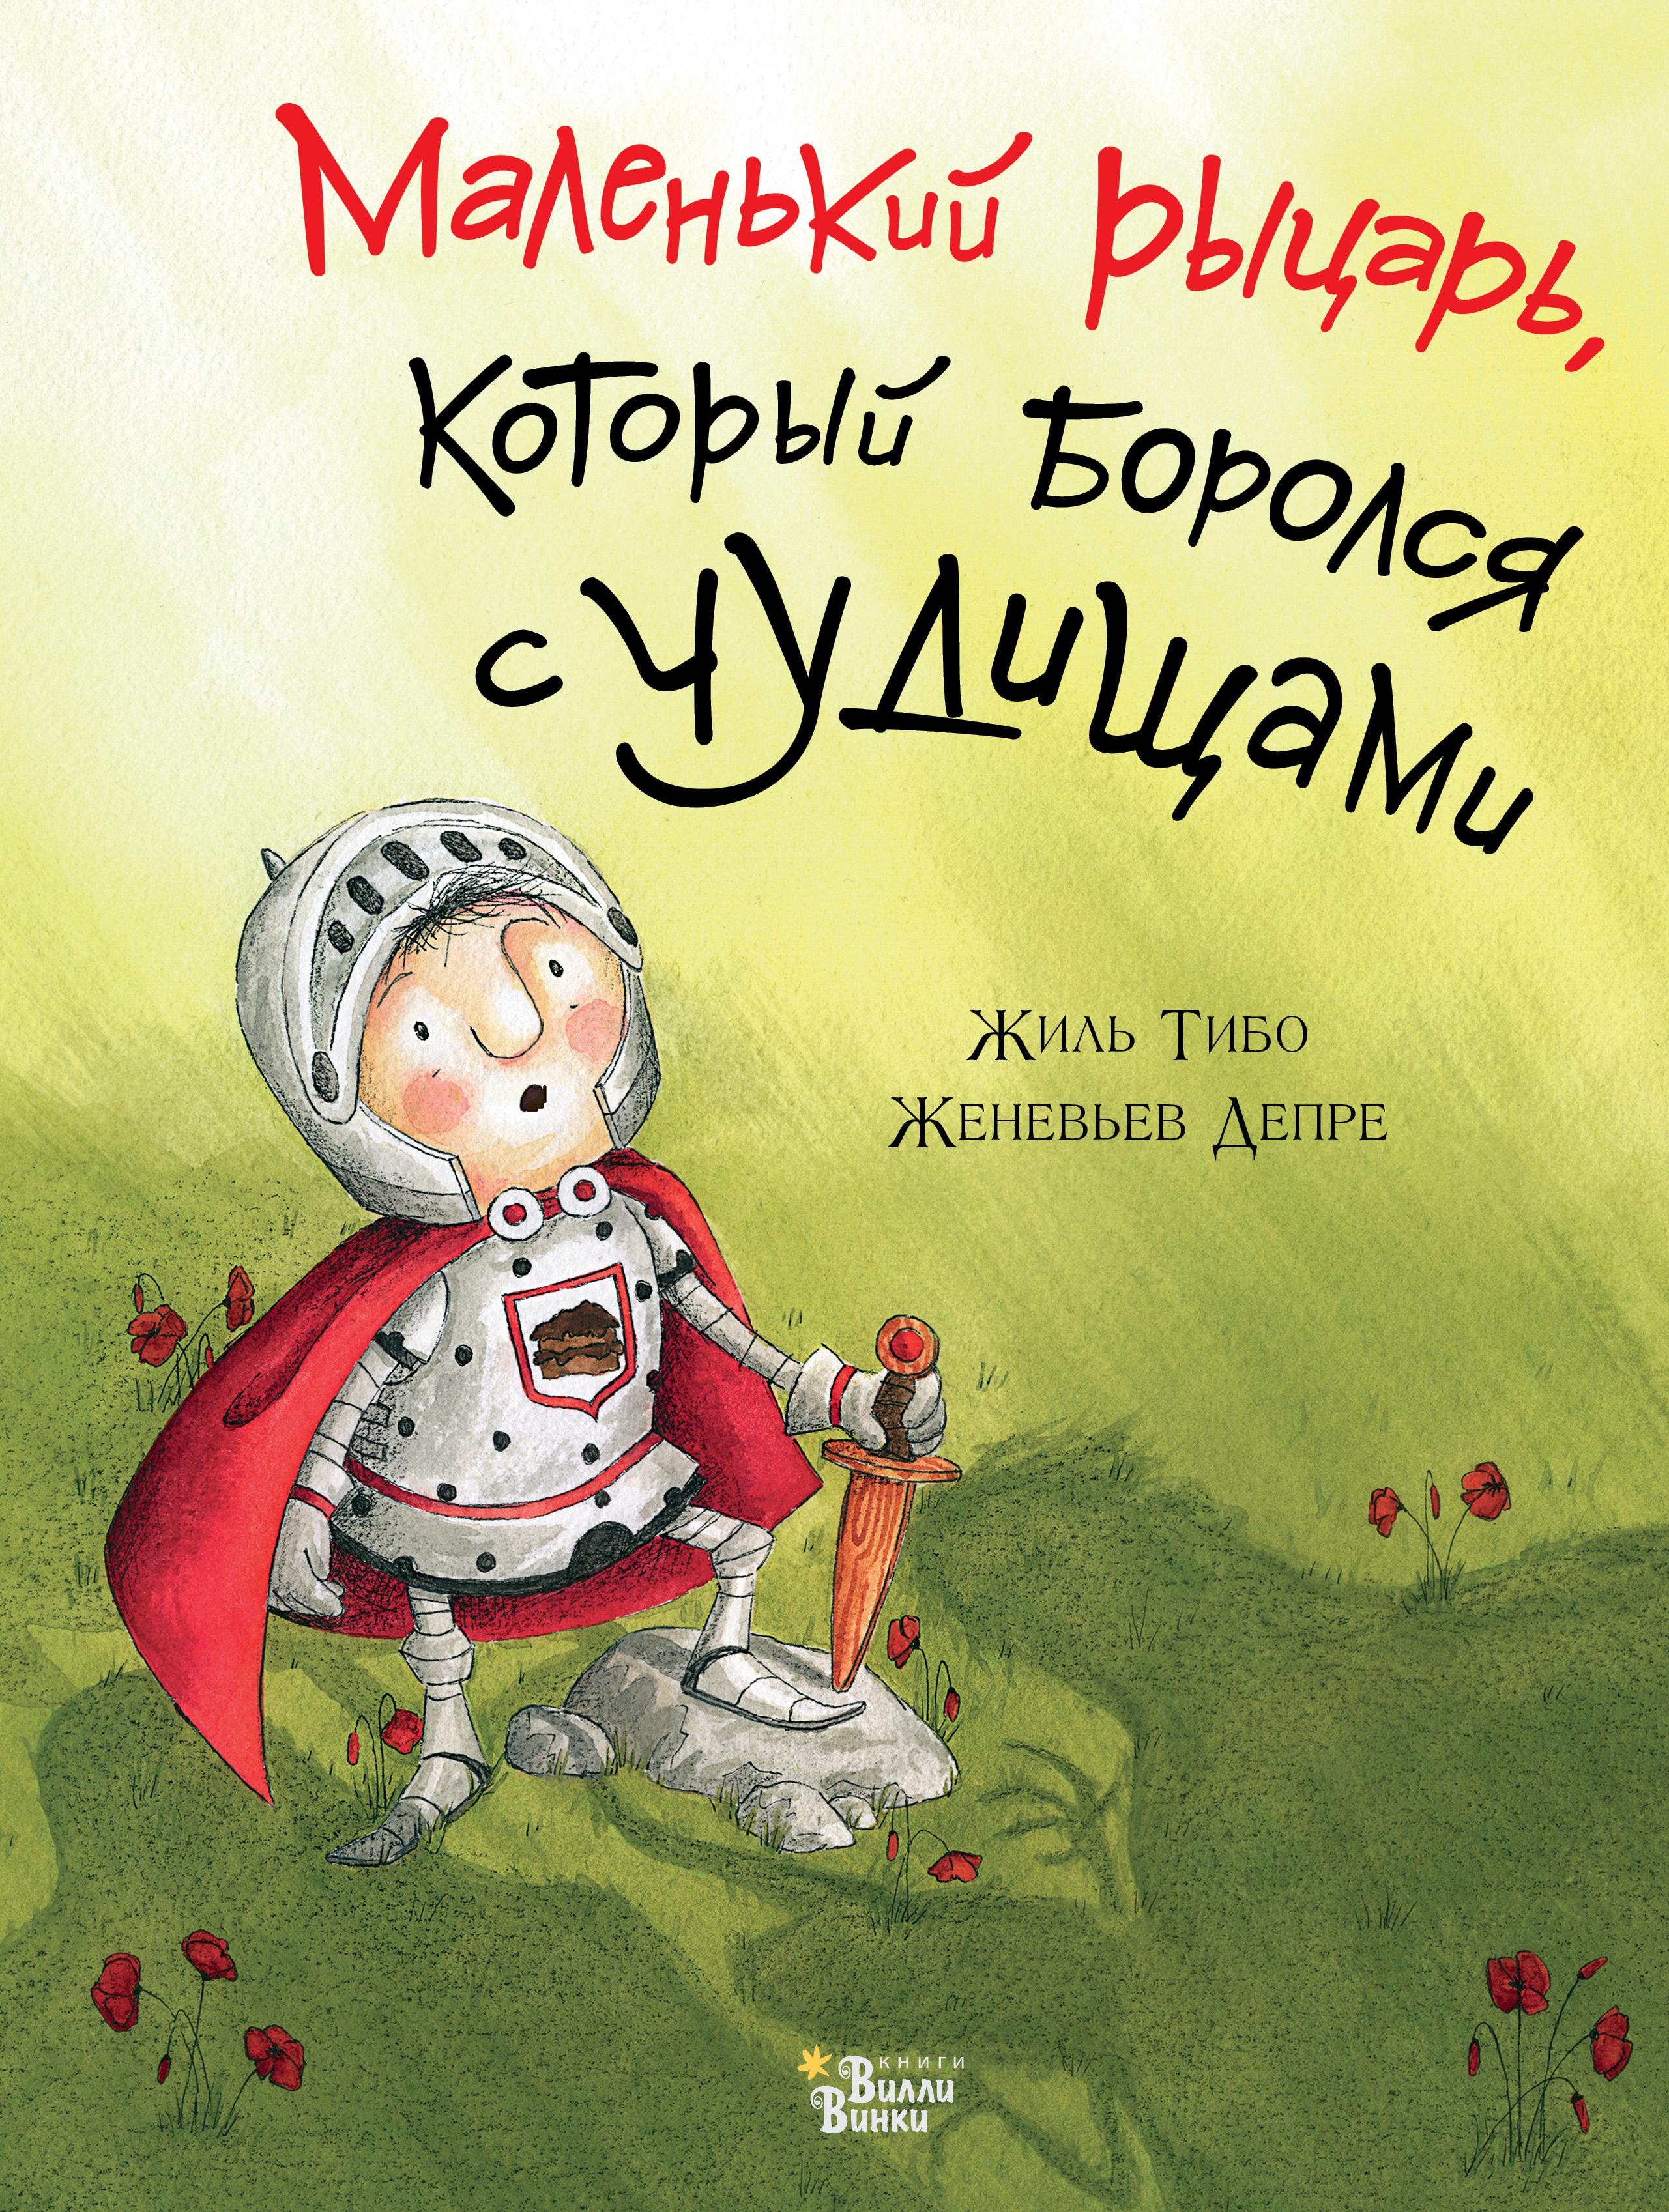 Жиль Тибо Маленький рыцарь, который боролся с чудищами издательство аст маленький рыцарь который боролся с чудищами ж тибо